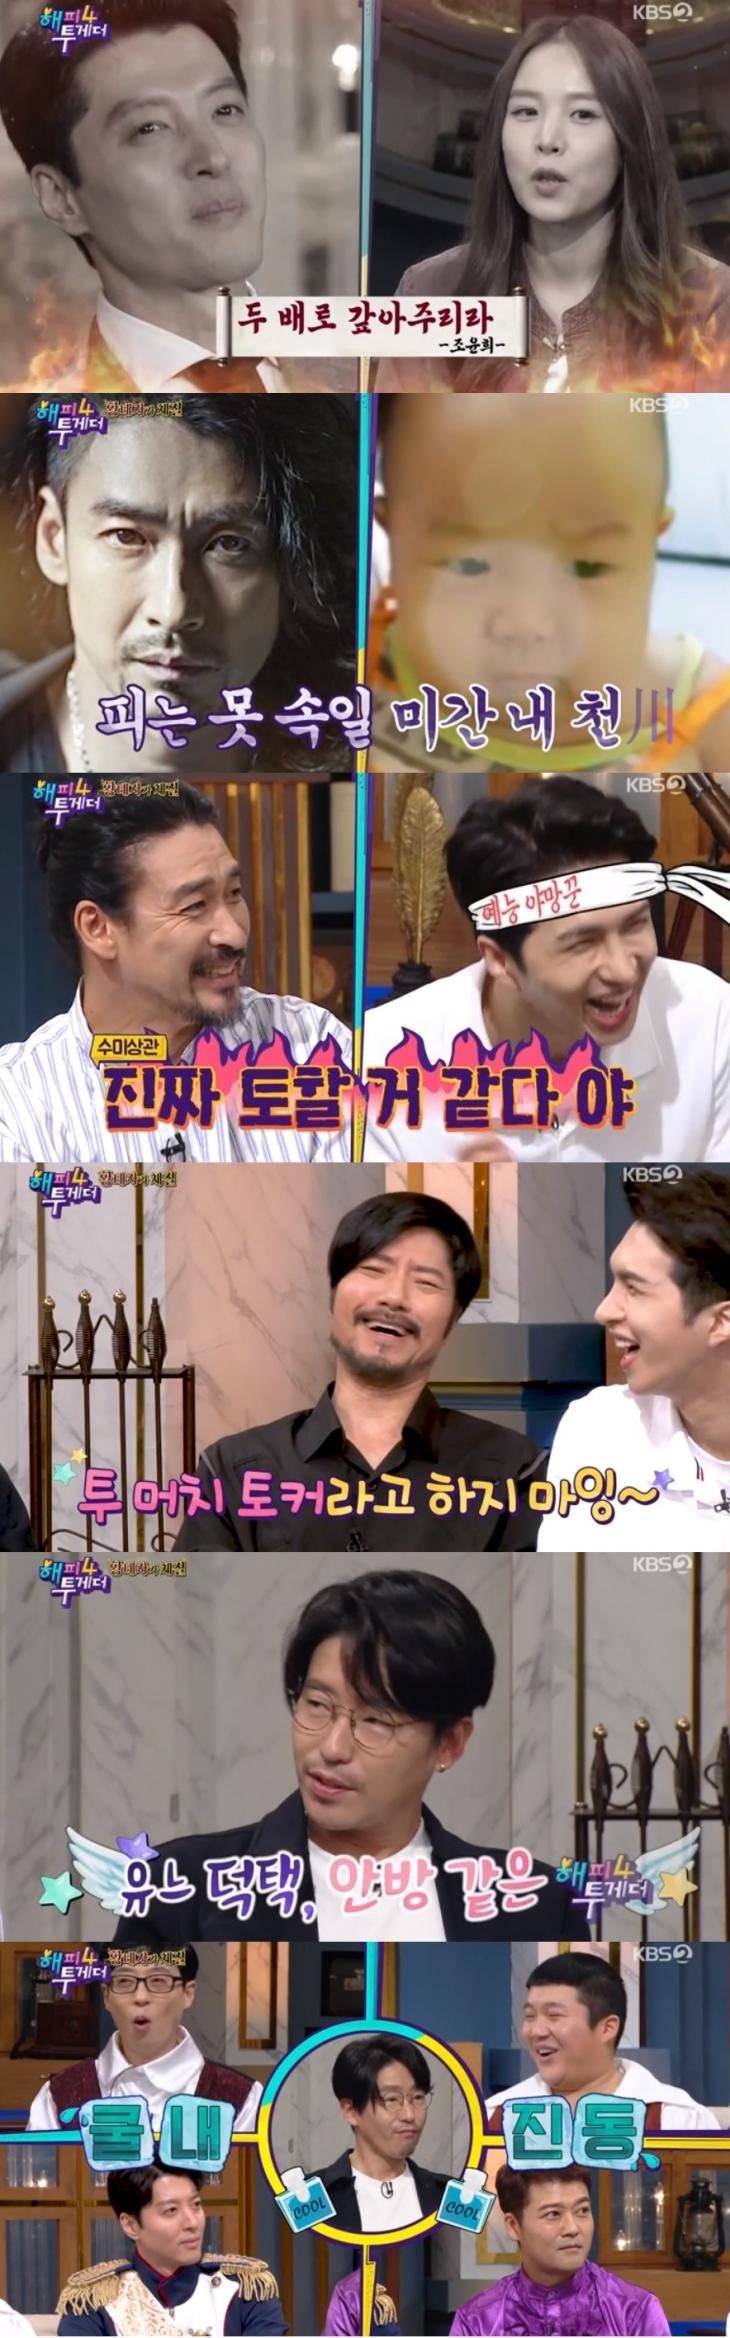 KBS2 '해피투게더4' 캡처